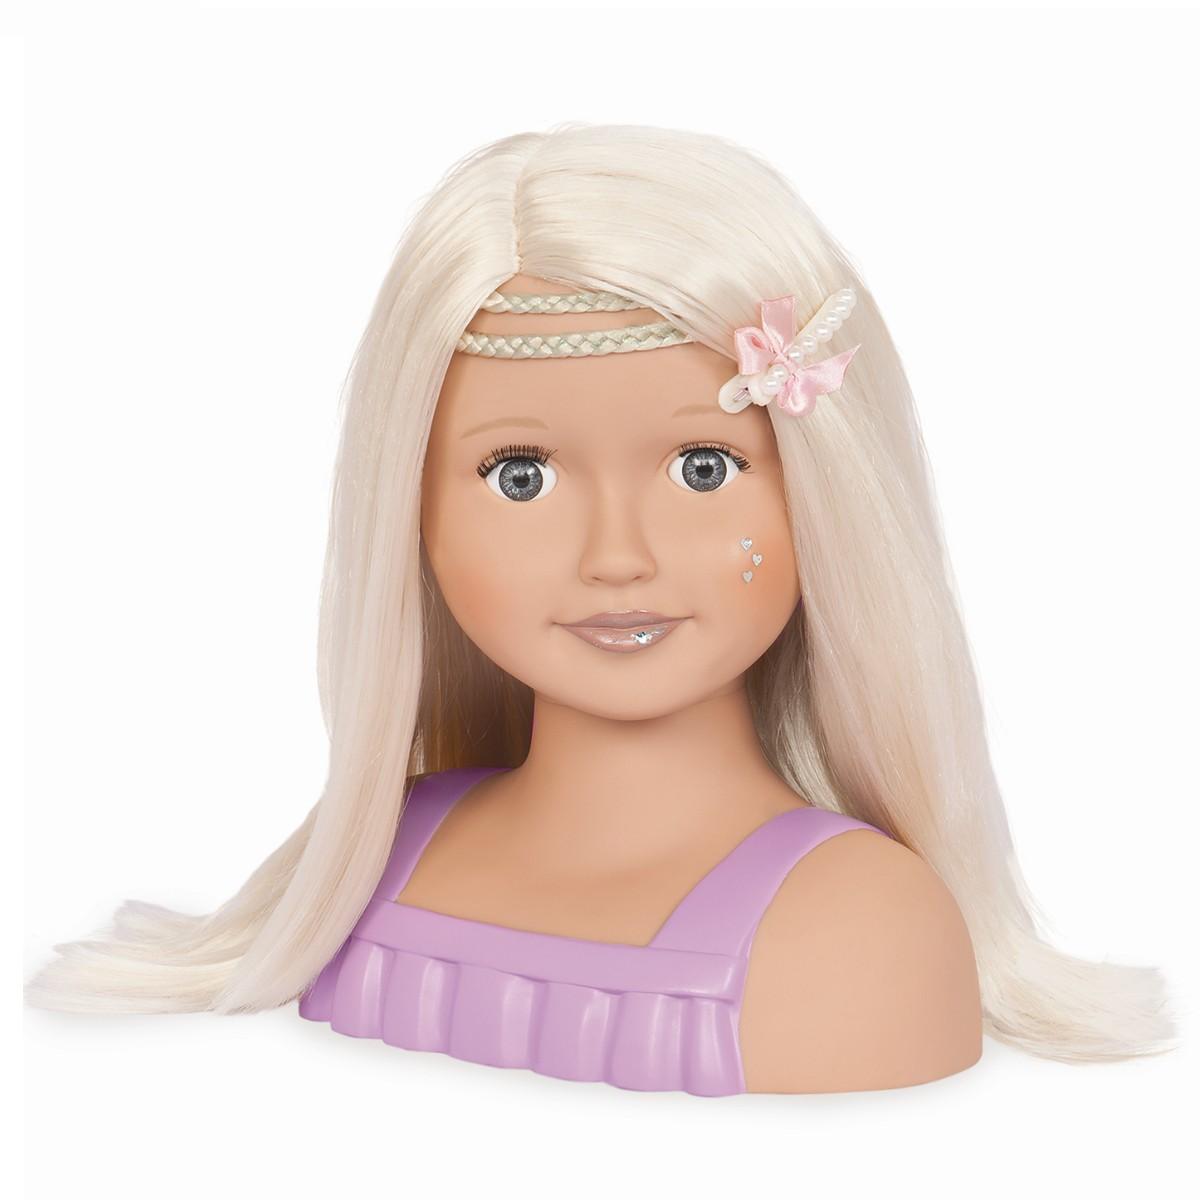 Our Generation frisørhoved, Trista